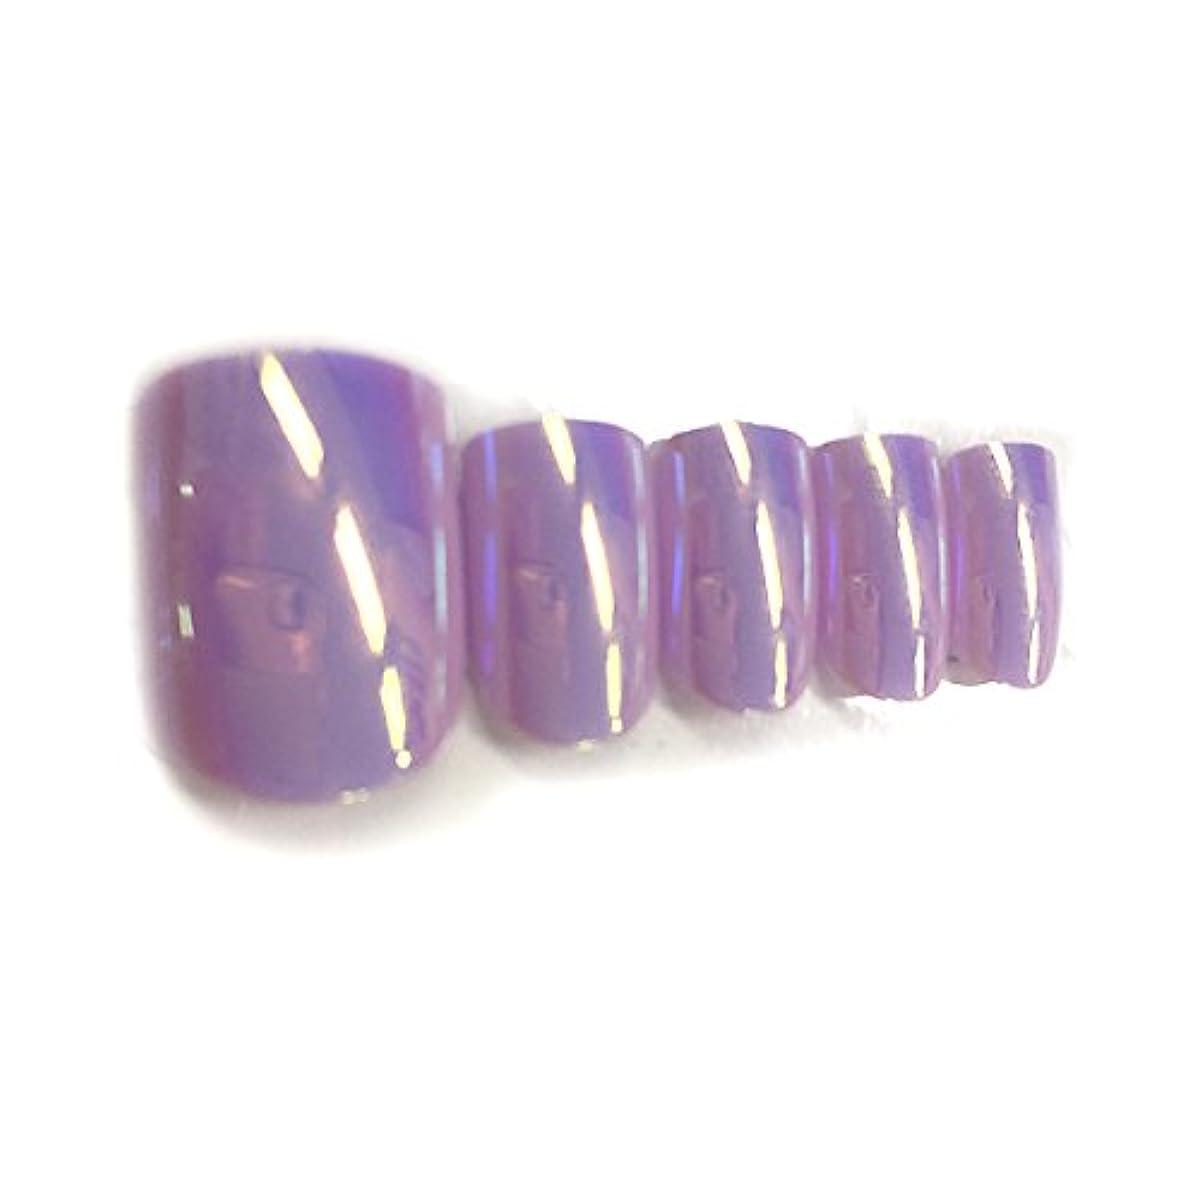 コンプライアンスパブ降雨< OMD > Feel soft Nail tip No.6 パステルパープル (84枚入り) [ ペディキュアチップ ペディチップ ペディキュアネイルチップ ミラーチップ 足用ネイルチップ フットネイルチップ 親指...